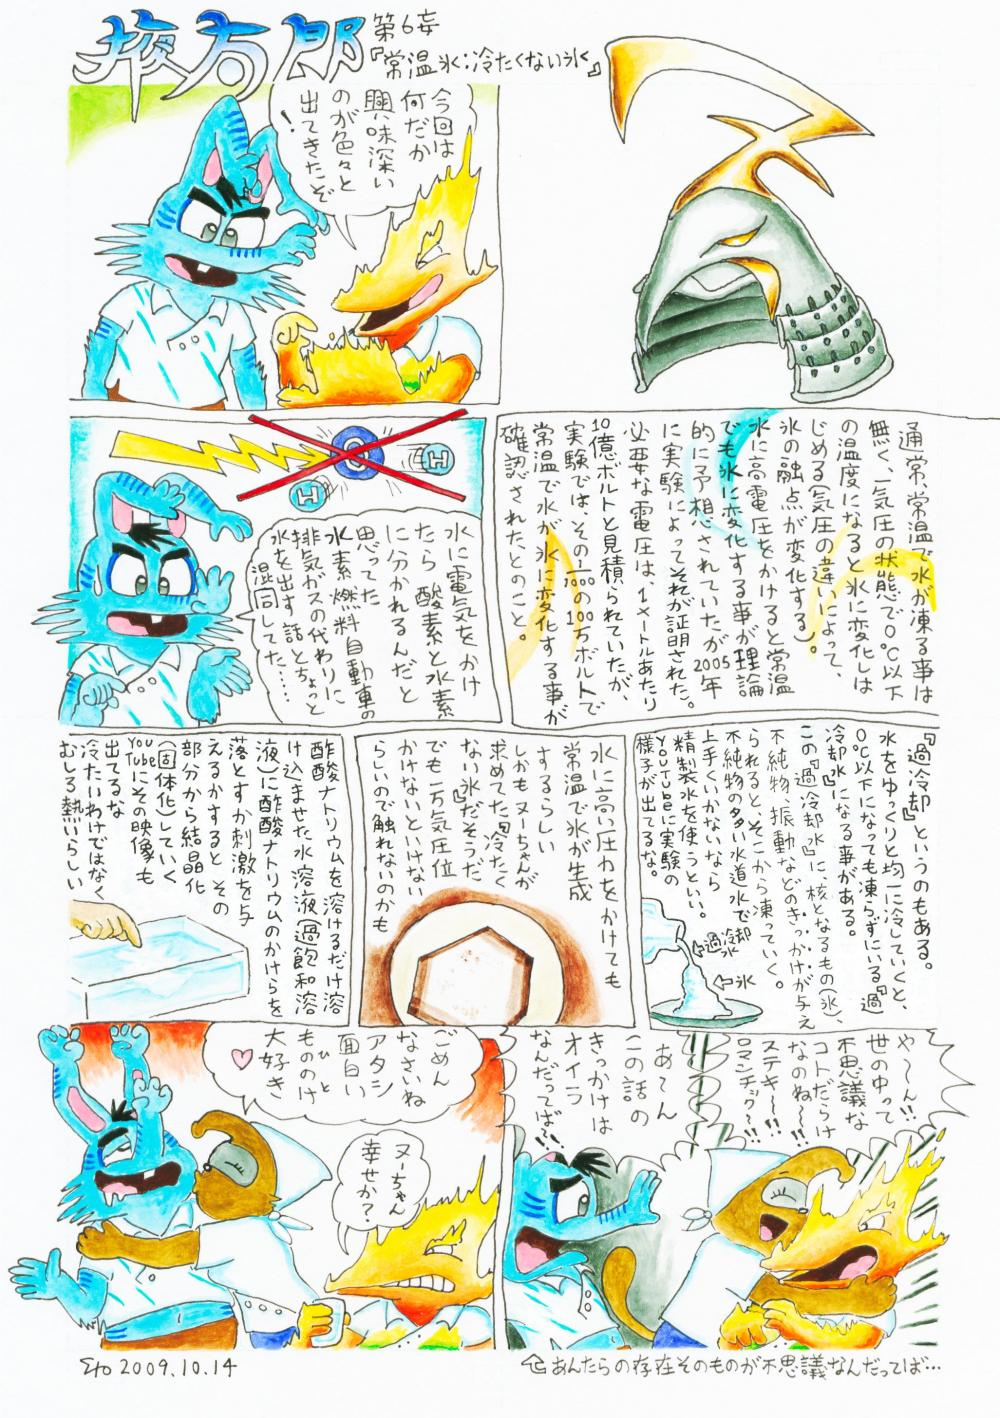 鬼目羅の犭夜太郎(鵺太郎)(6)後半 2009/10/14